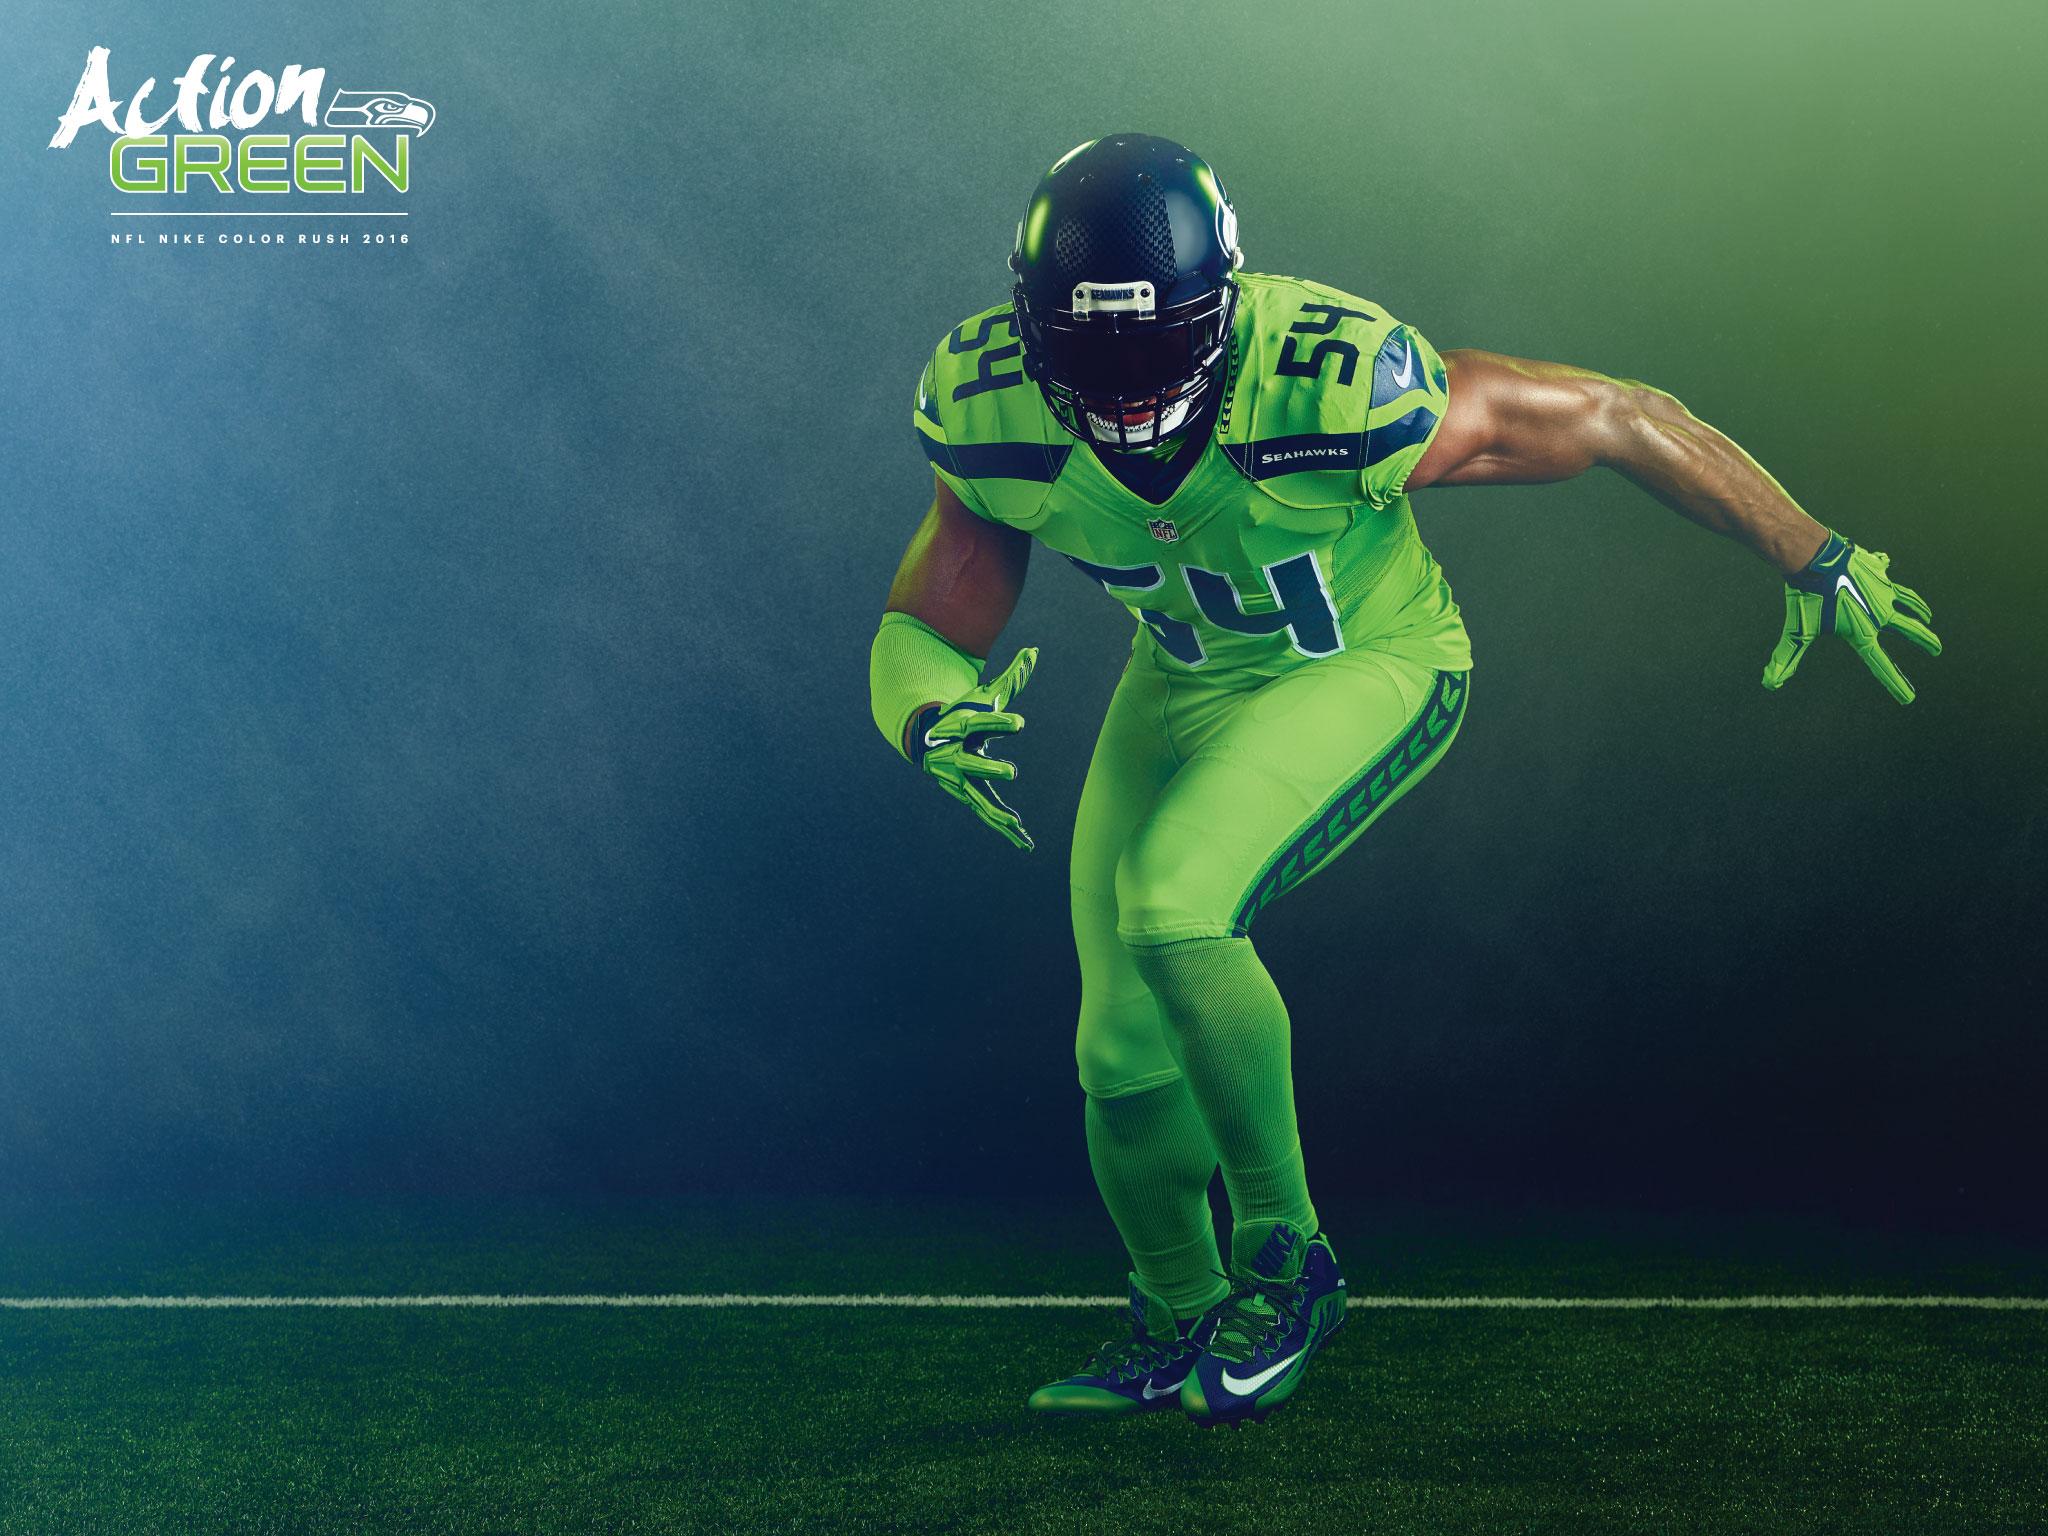 Seahawks Wallpapers Seattle Seahawks